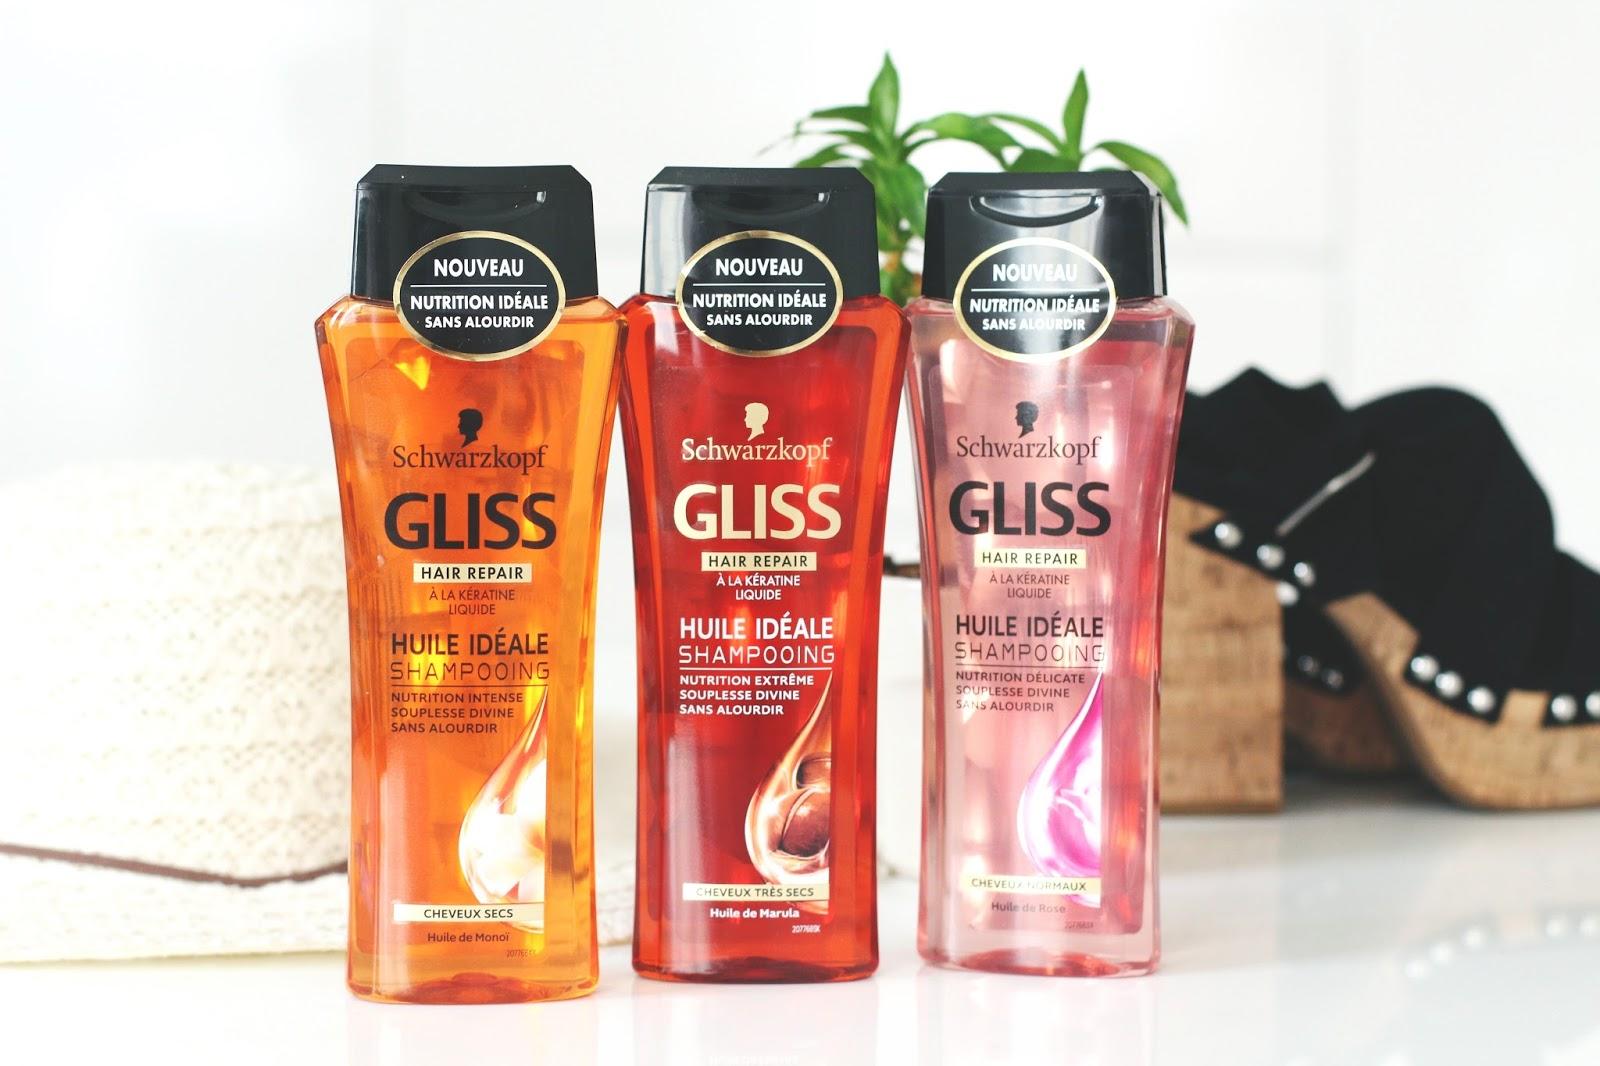 gliss hair repair huile idéale schwarzkopf